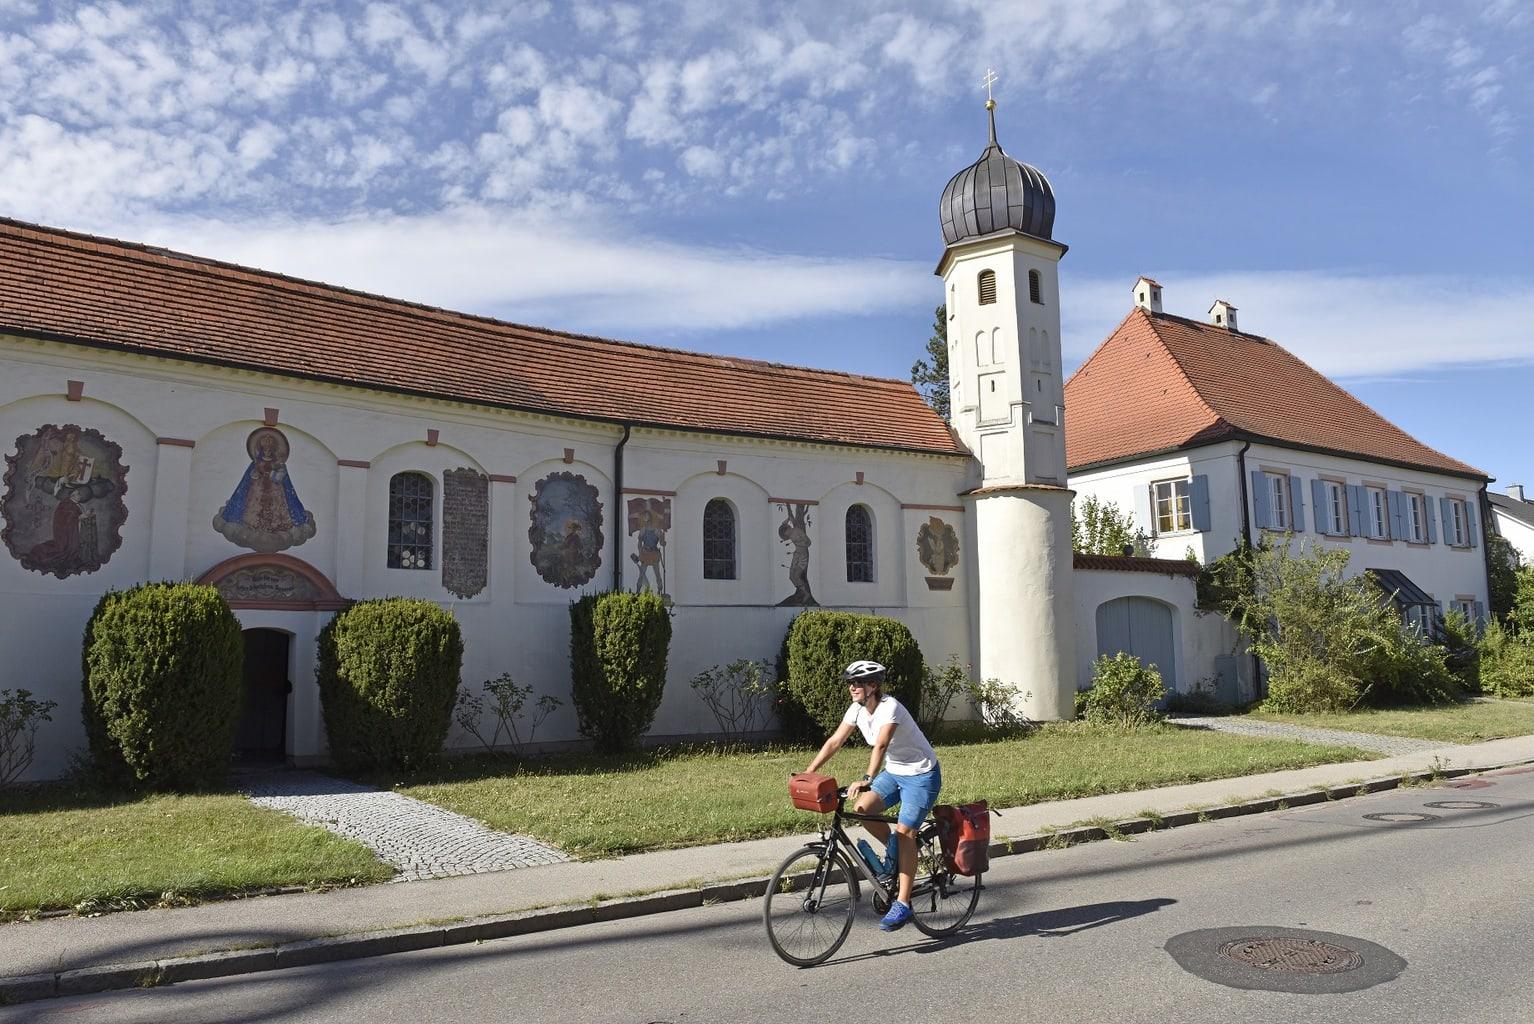 Een fietser voor Schloss Esting in de buurt van Fürstenfeldbruck in Beieren